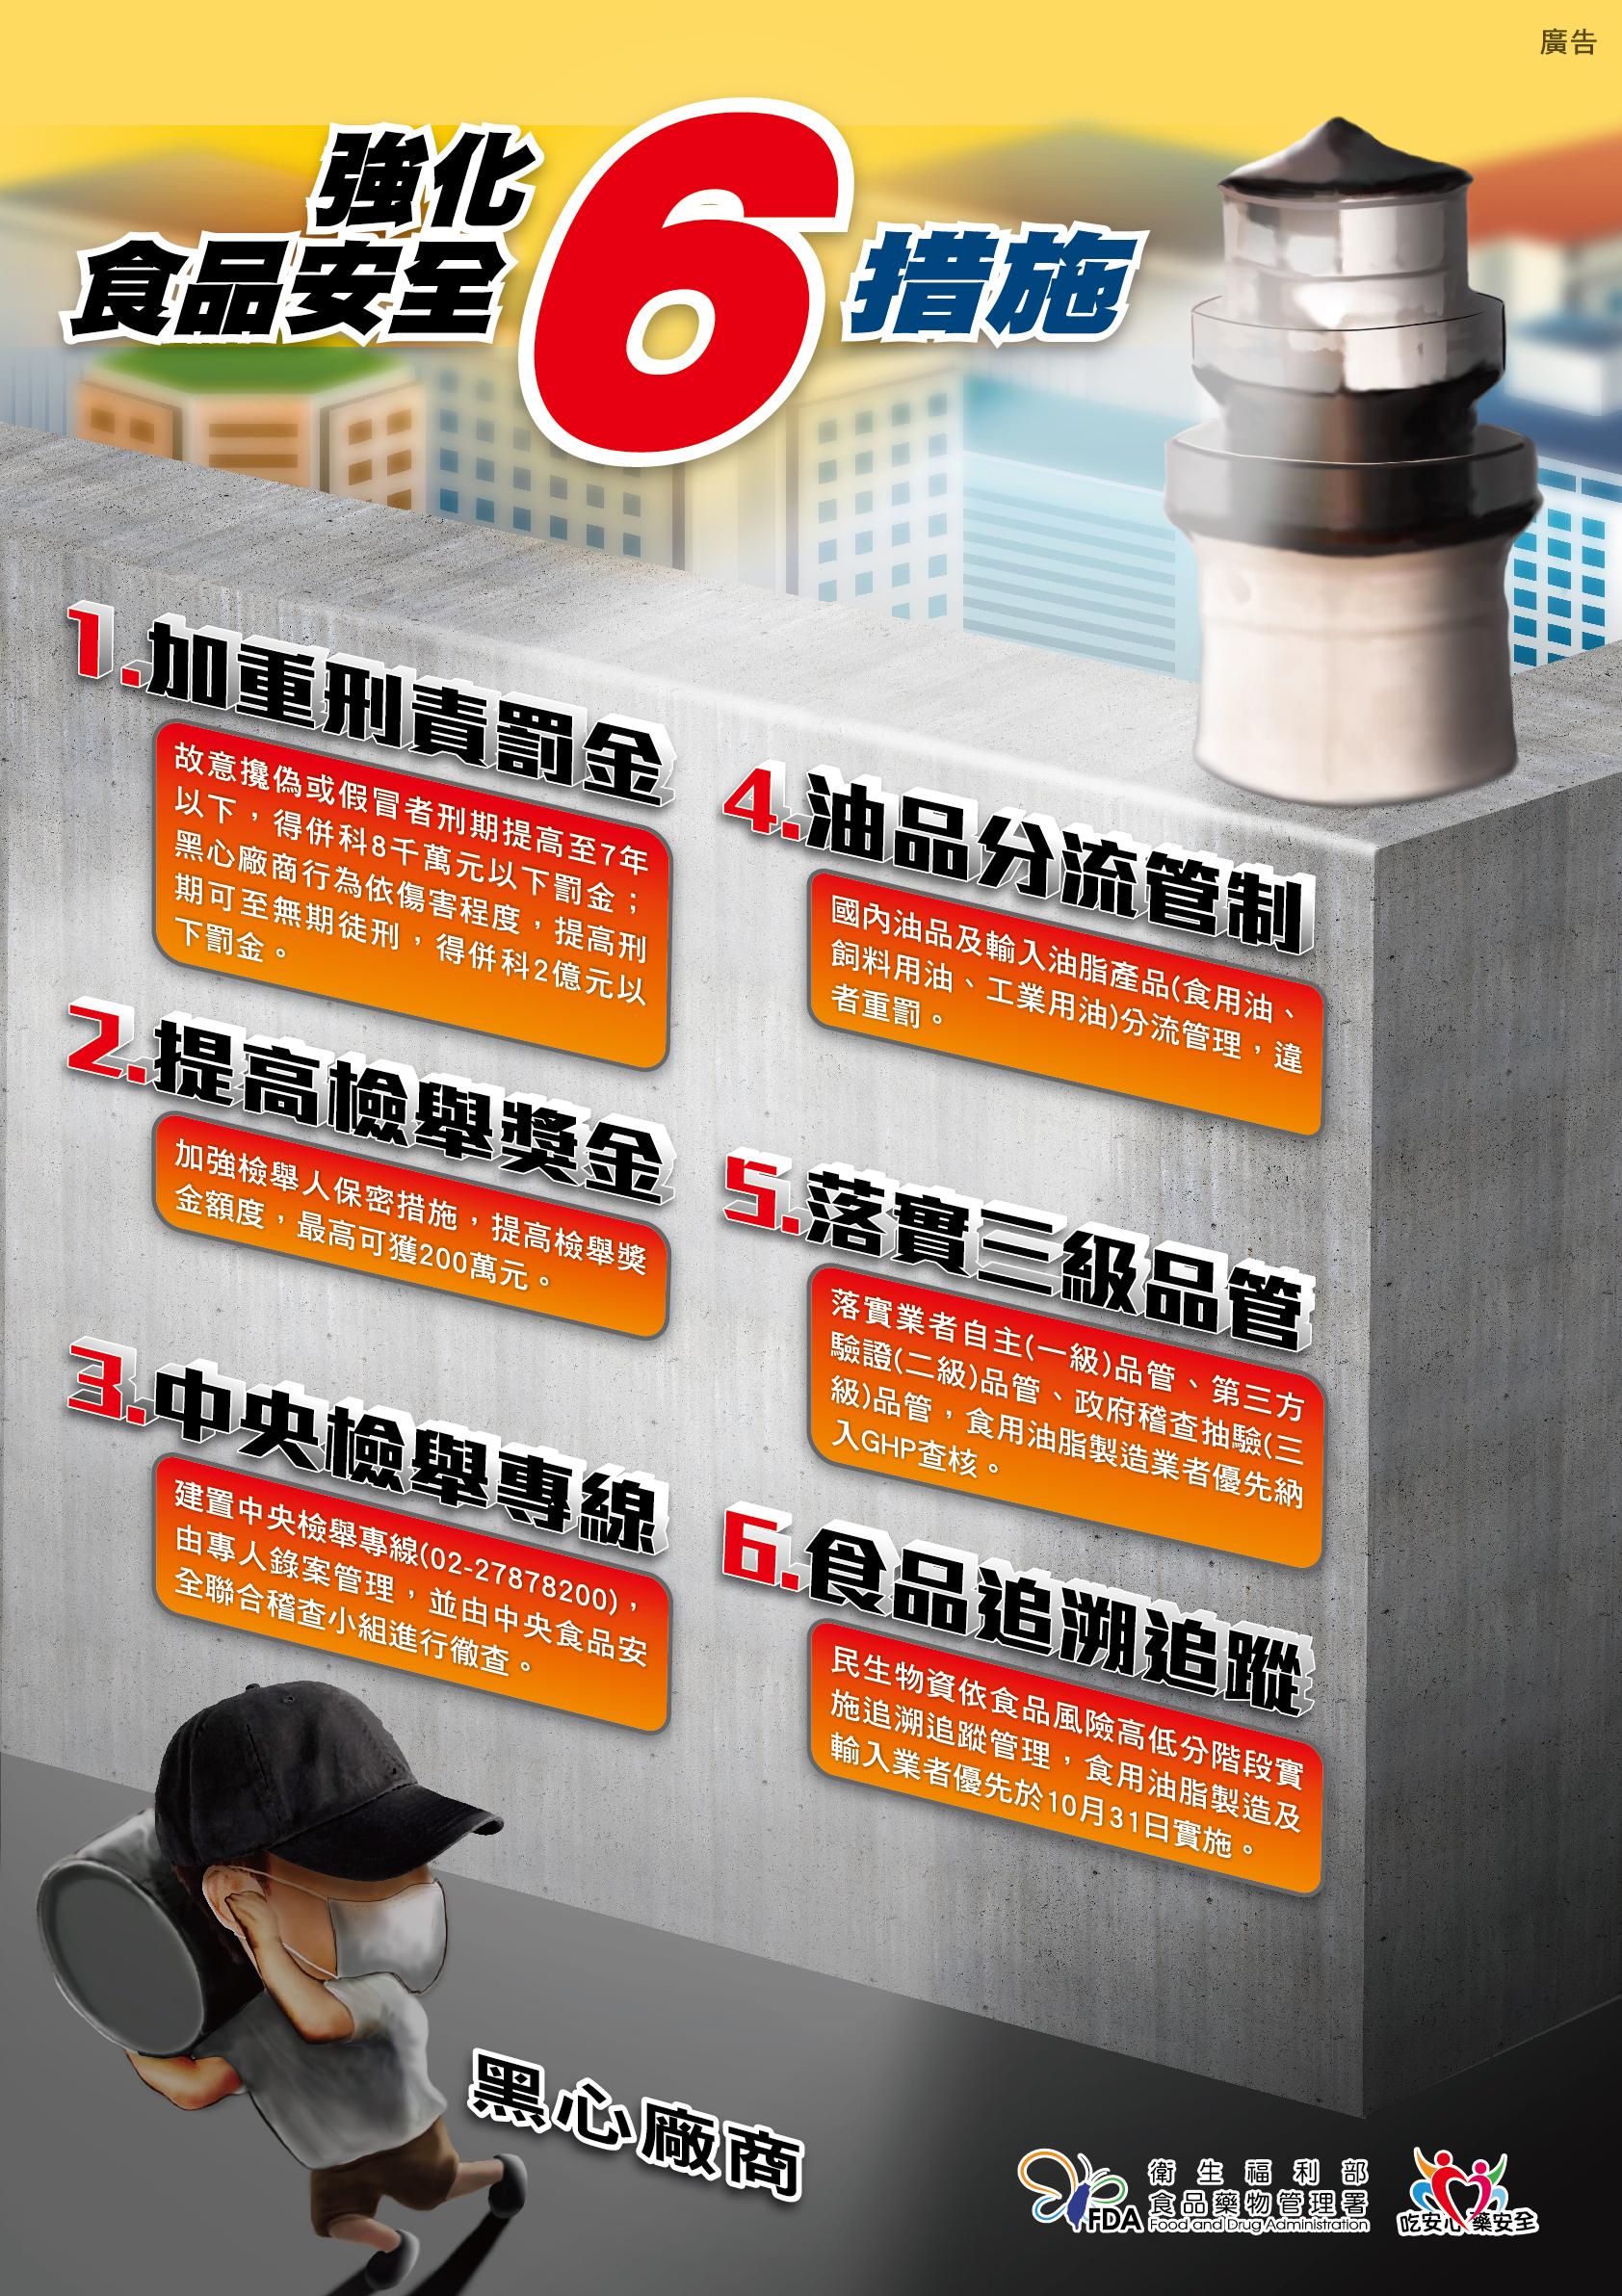 強化食品安全6措施